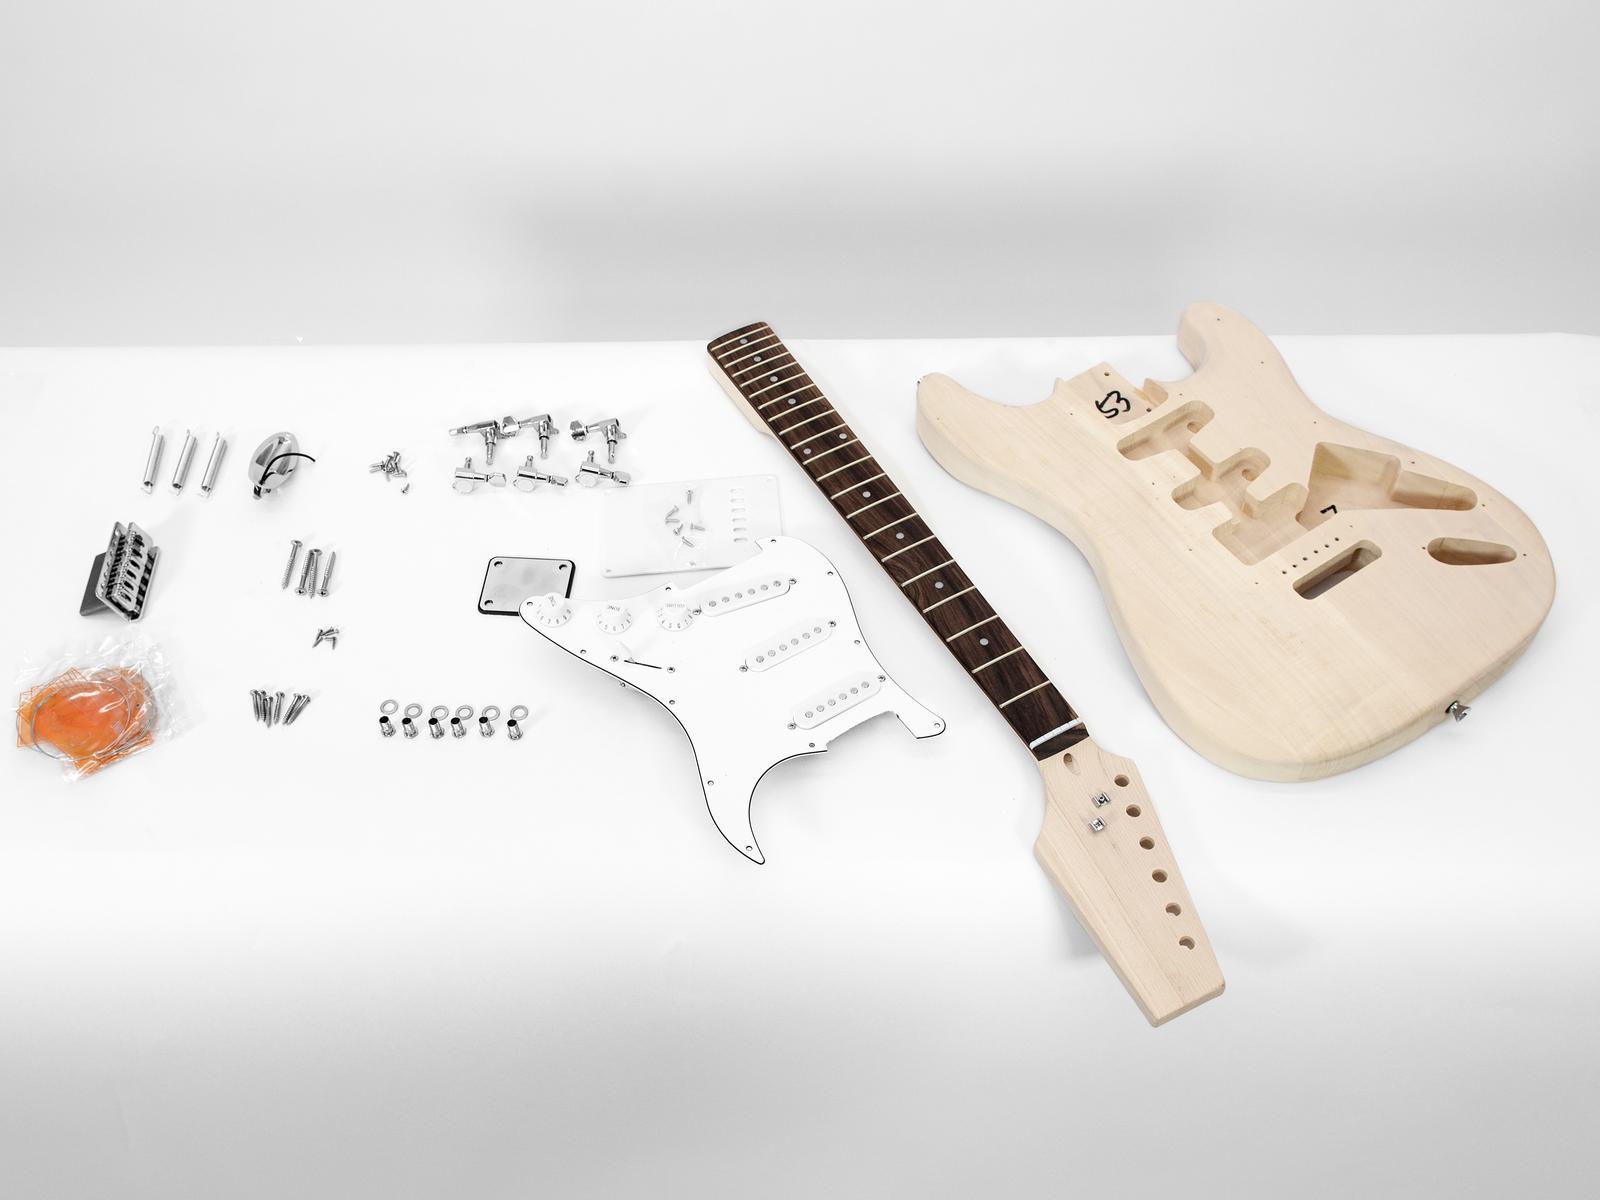 Dimavery DIY ST-10 Guitar construction kit